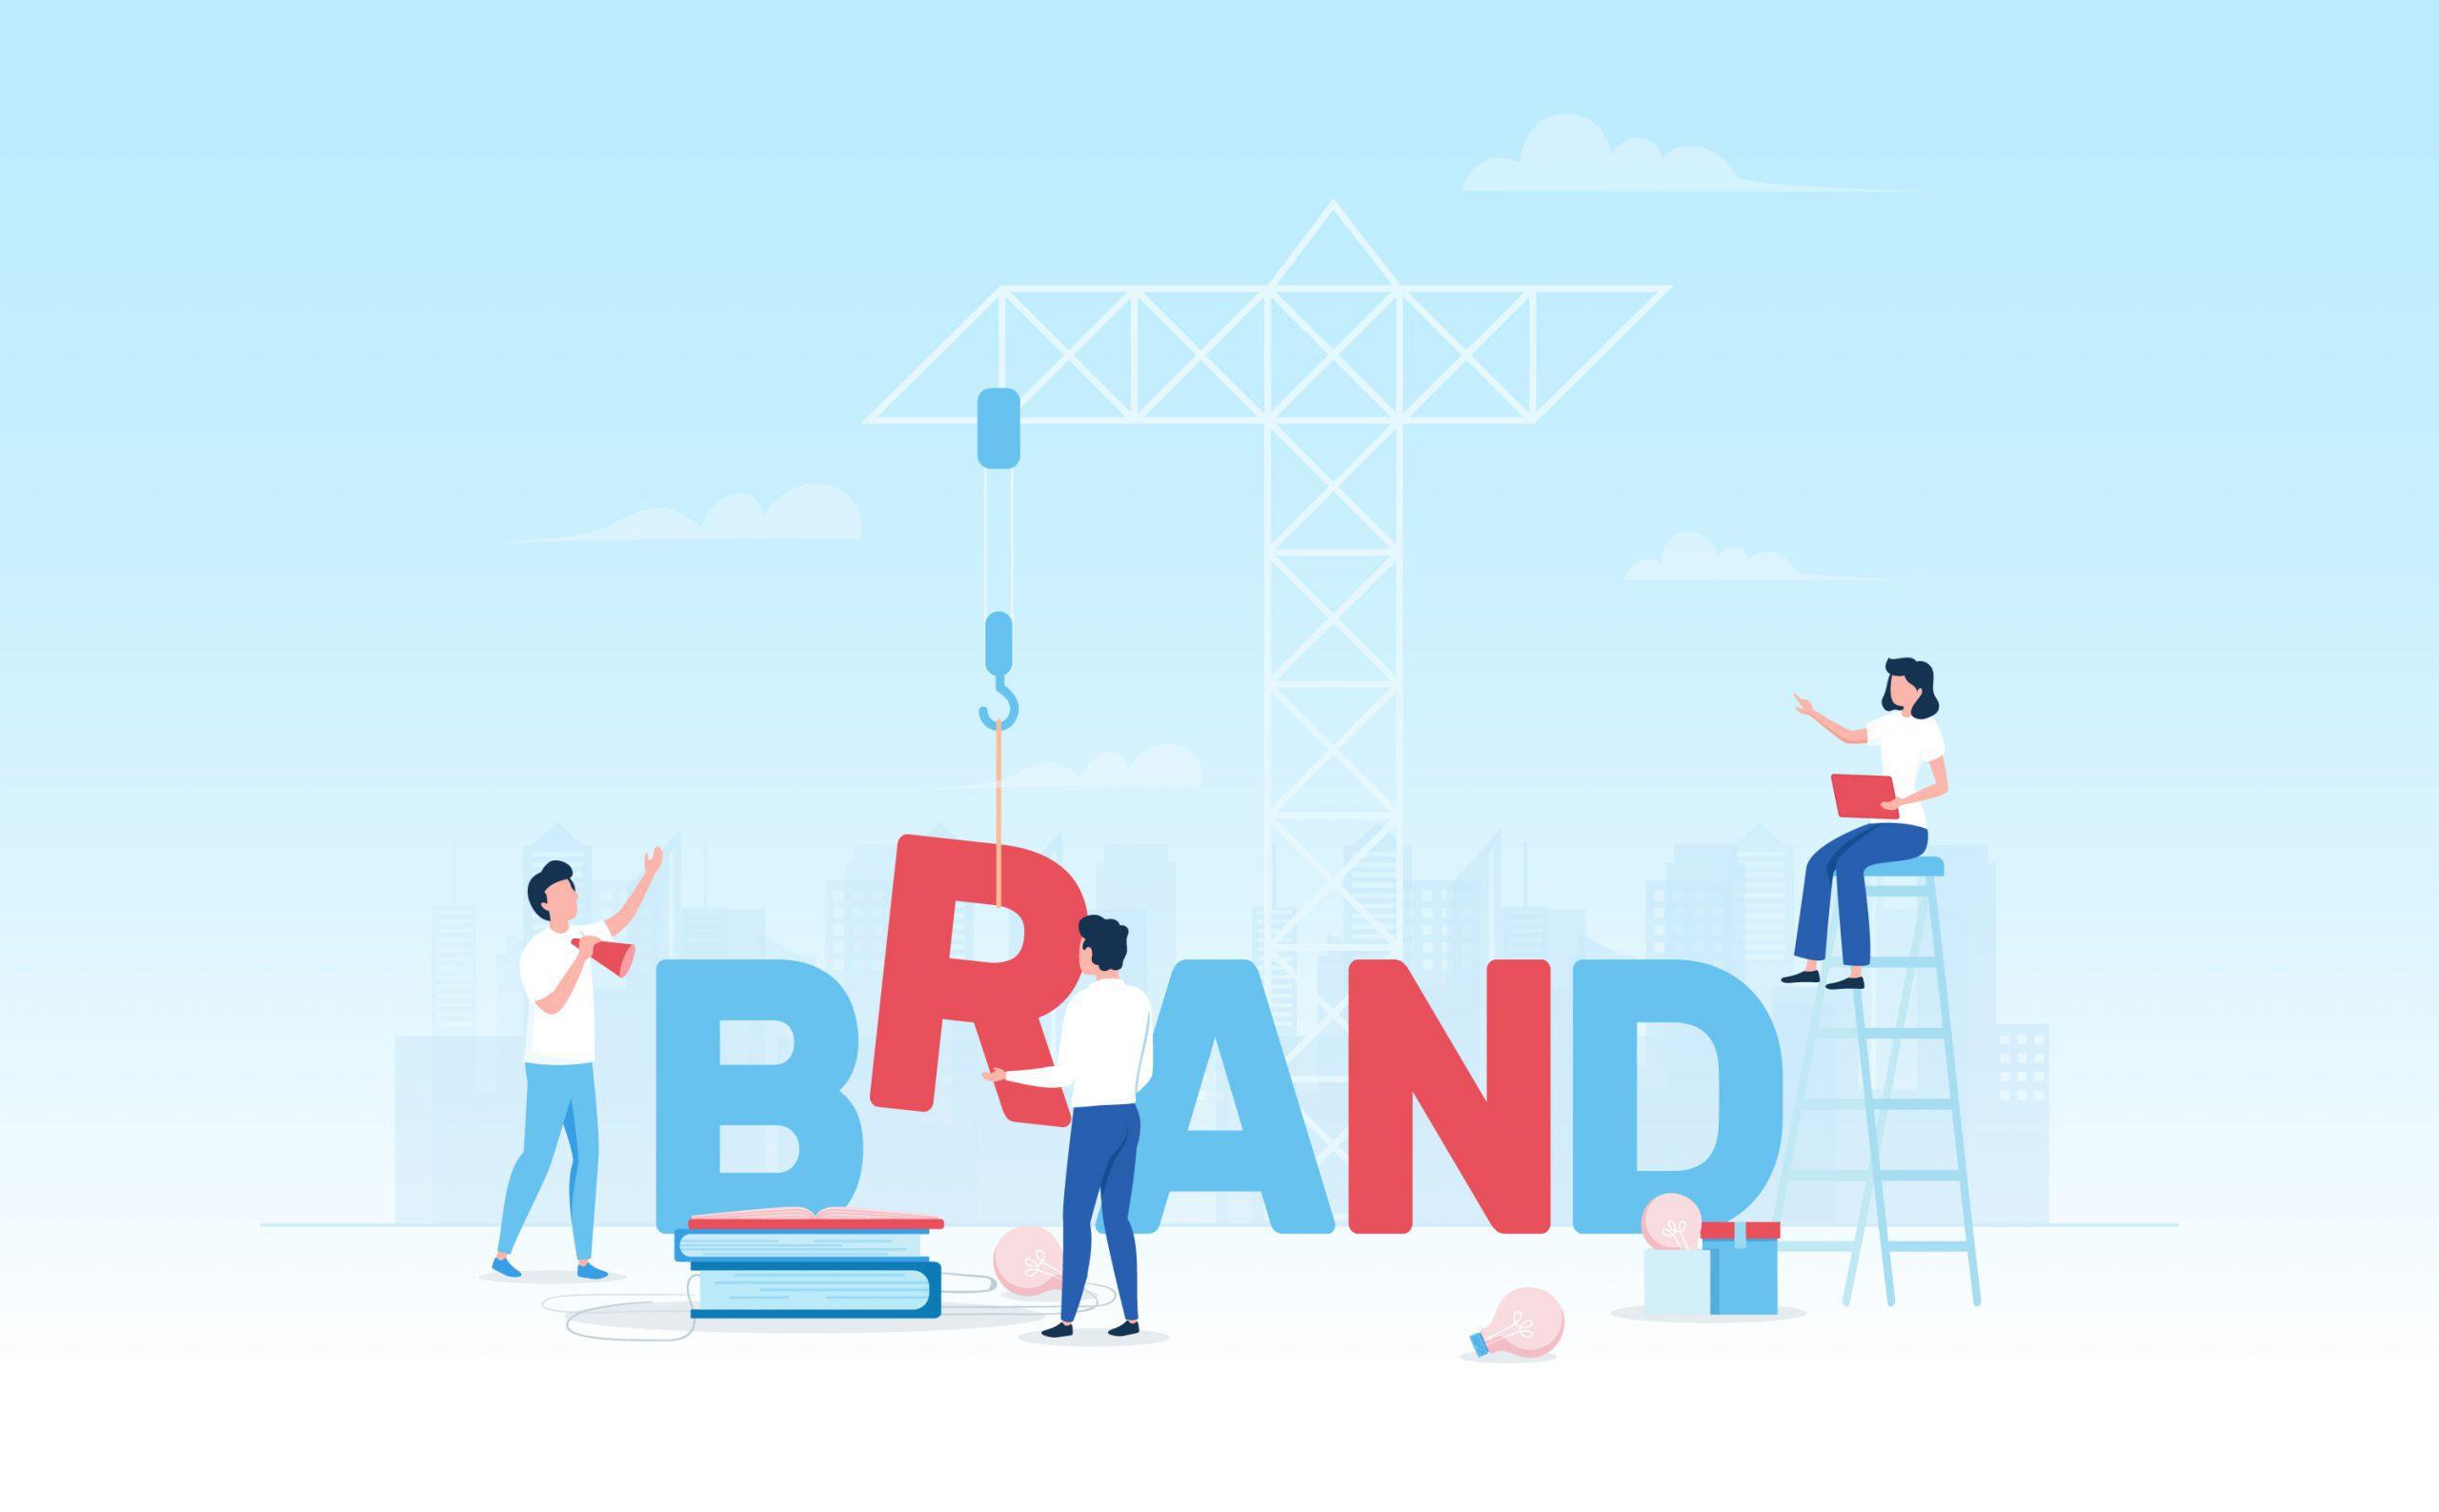 estratégias de branding